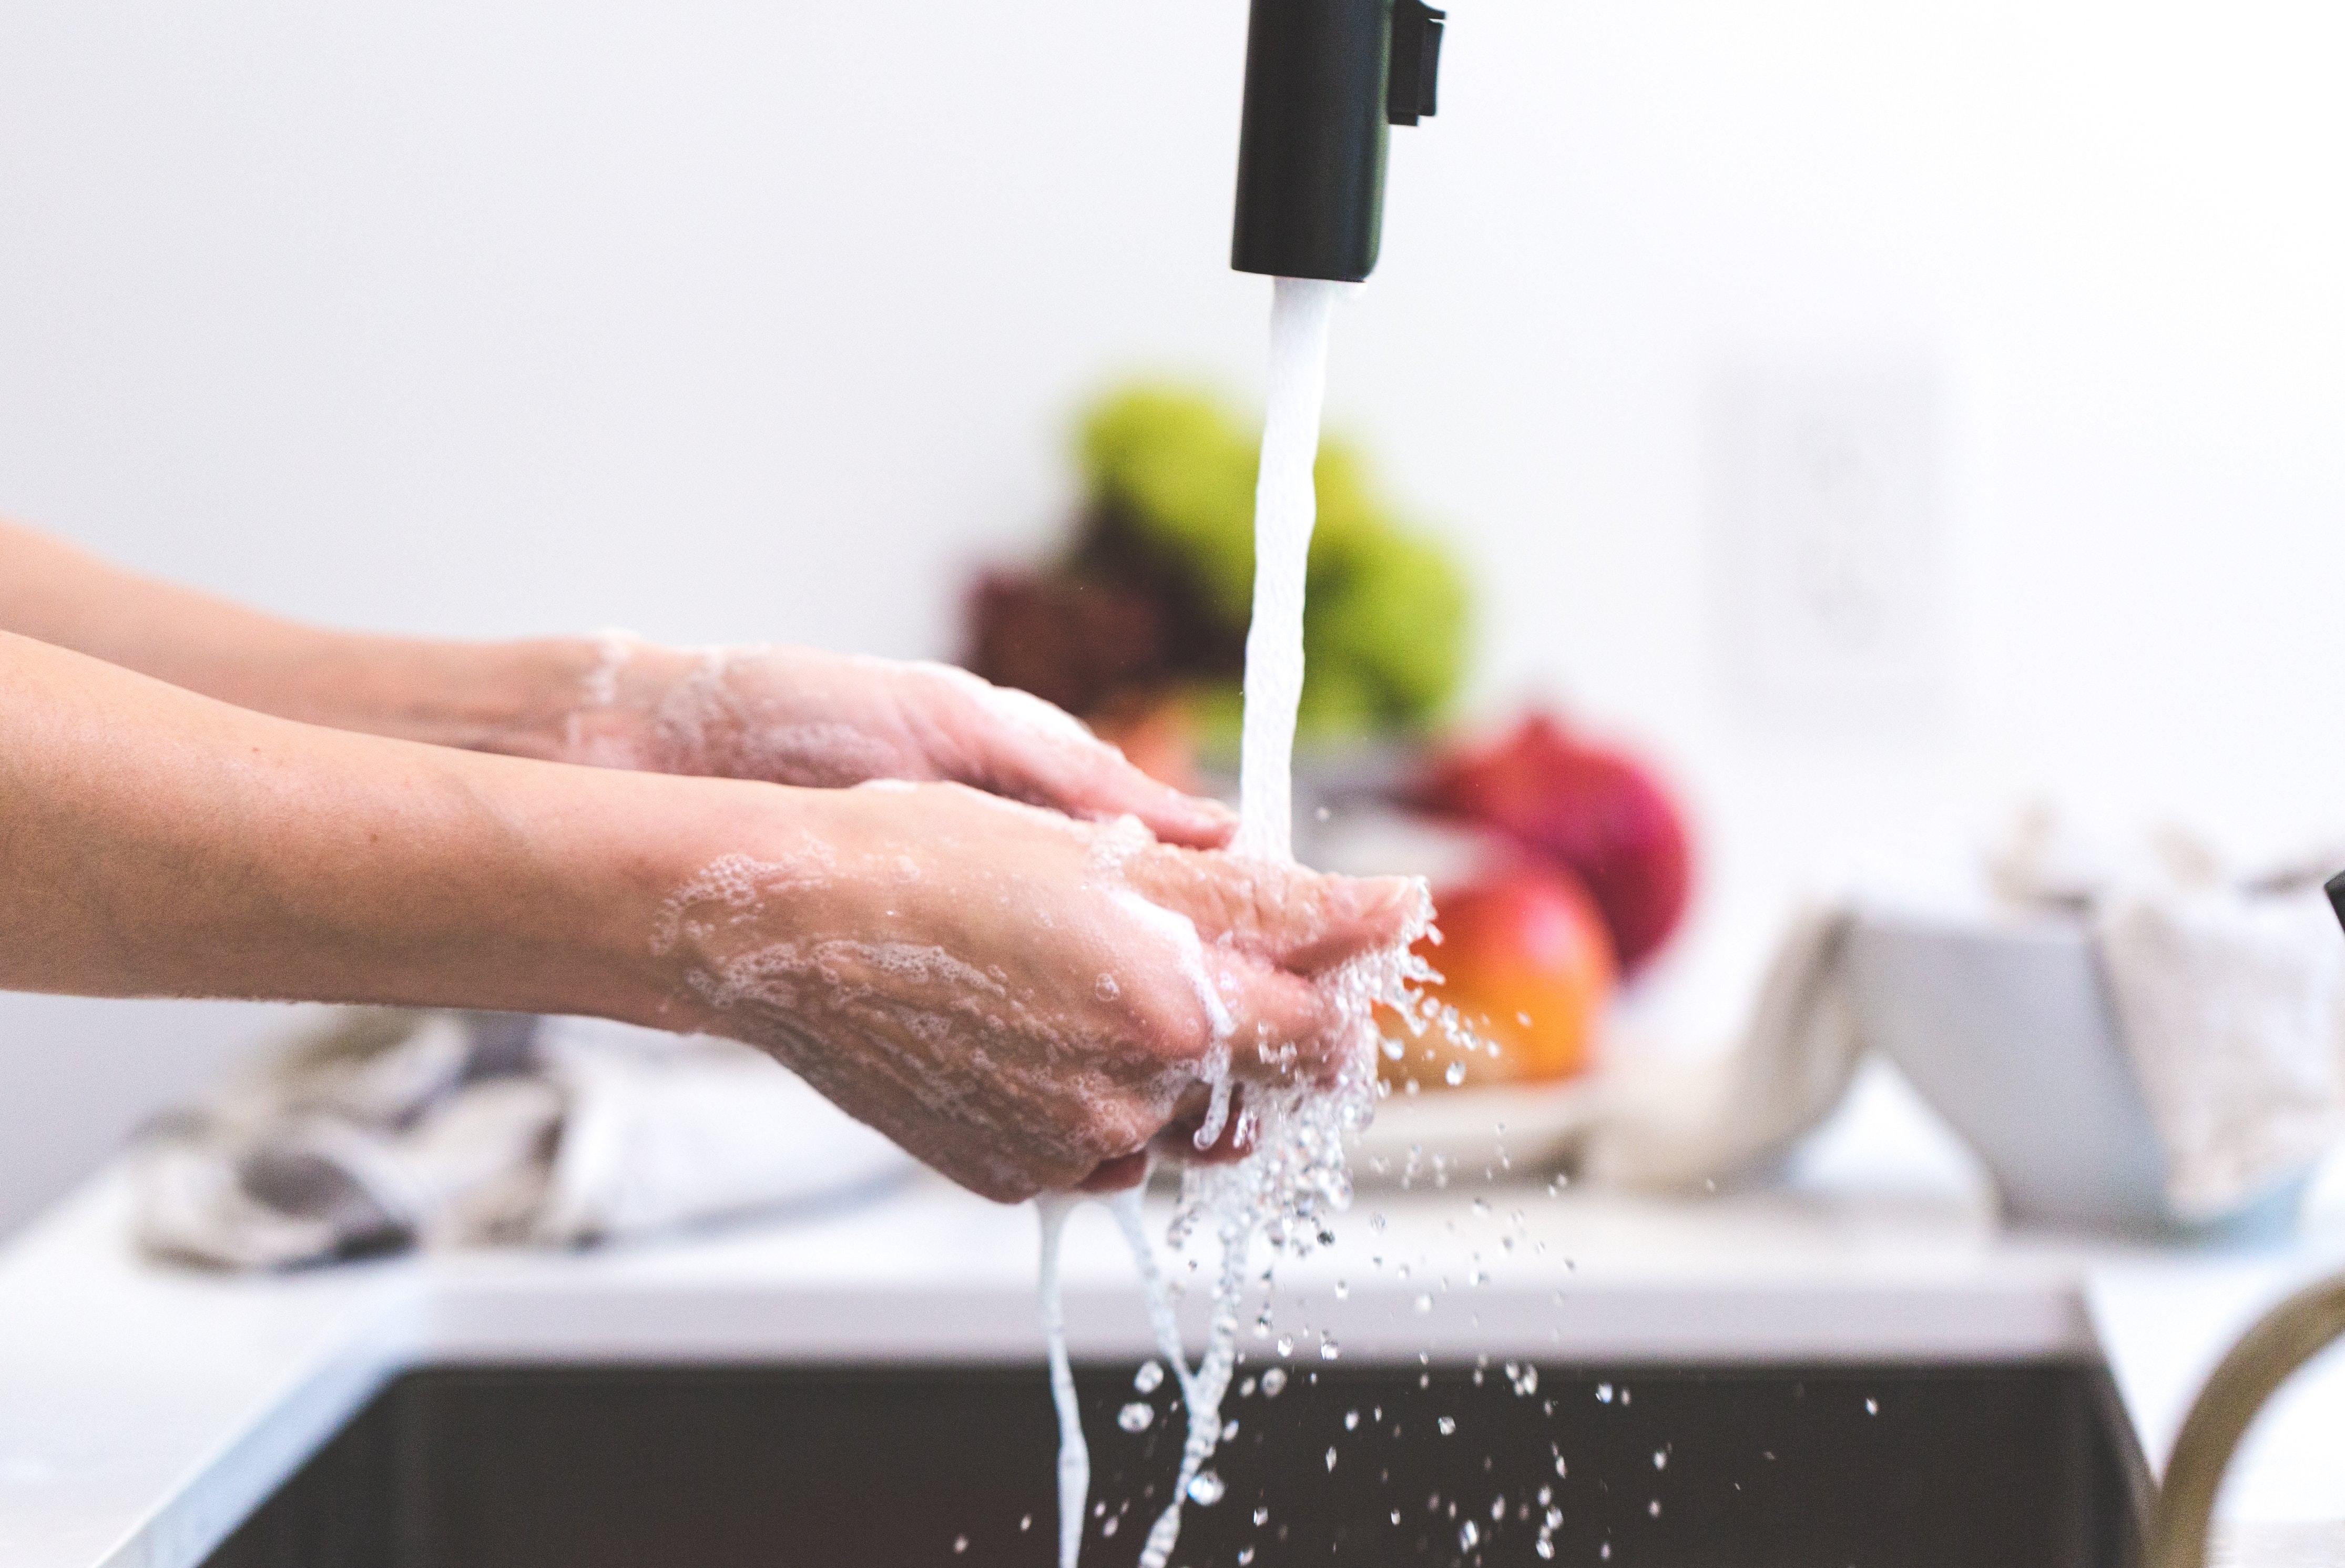 349934 hand%20washing%20 %20coronavirus 4c5832 original 1584065759